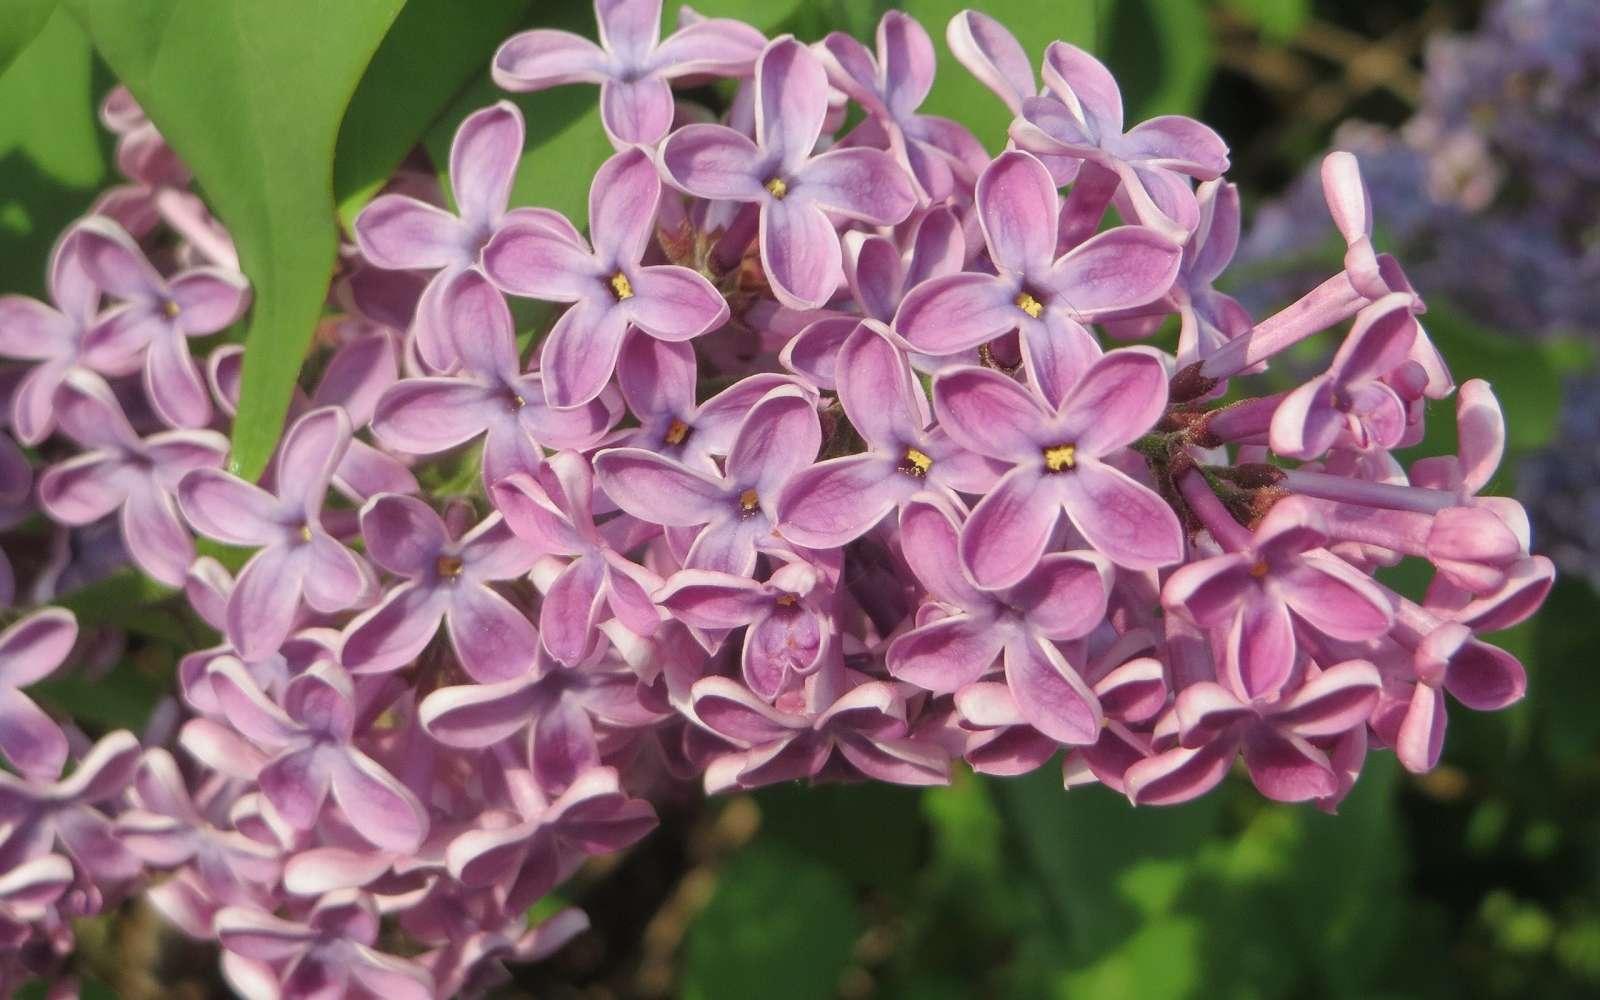 Le lilas des jardins est un arbrisseau ornemental de la famille des Oleaceae. Ses fleurs peuvent être simples ou doubles et plus ou moins parfumées. © AnRo0002, Domaine Public